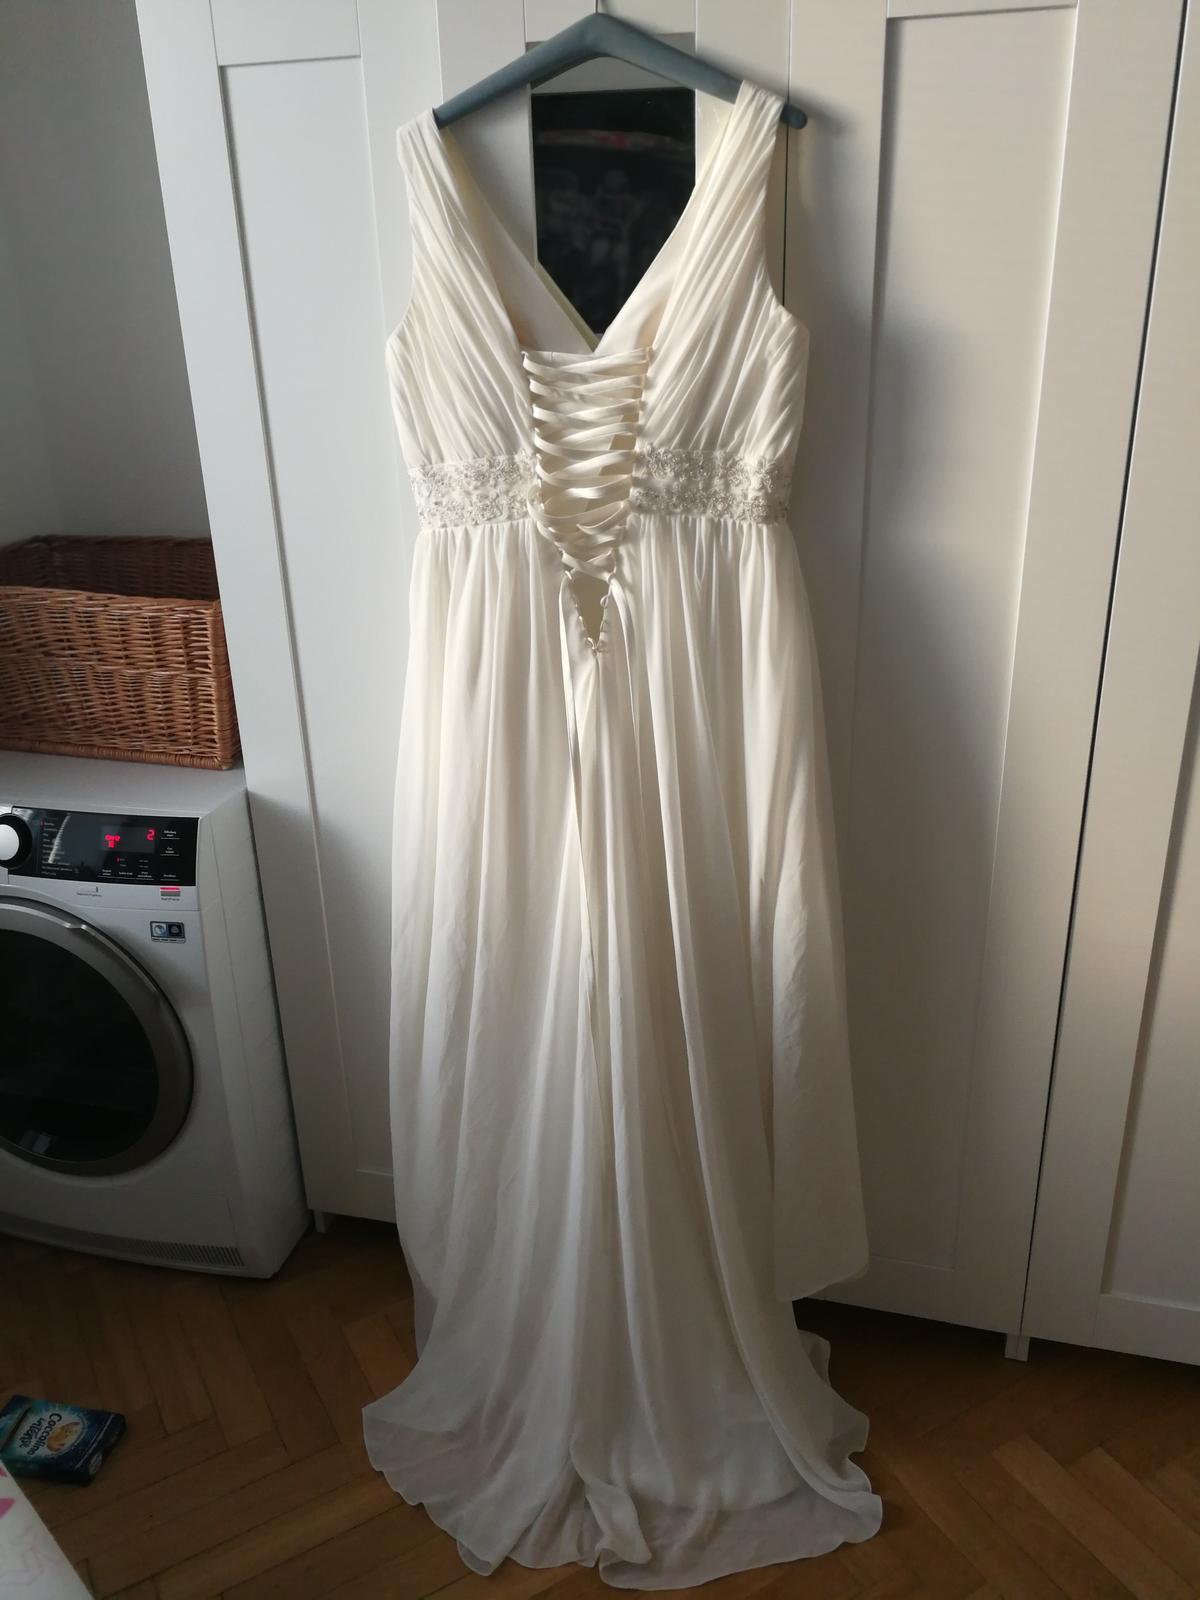 Ivory šaty vel. 42/44-48 - Obrázek č. 1